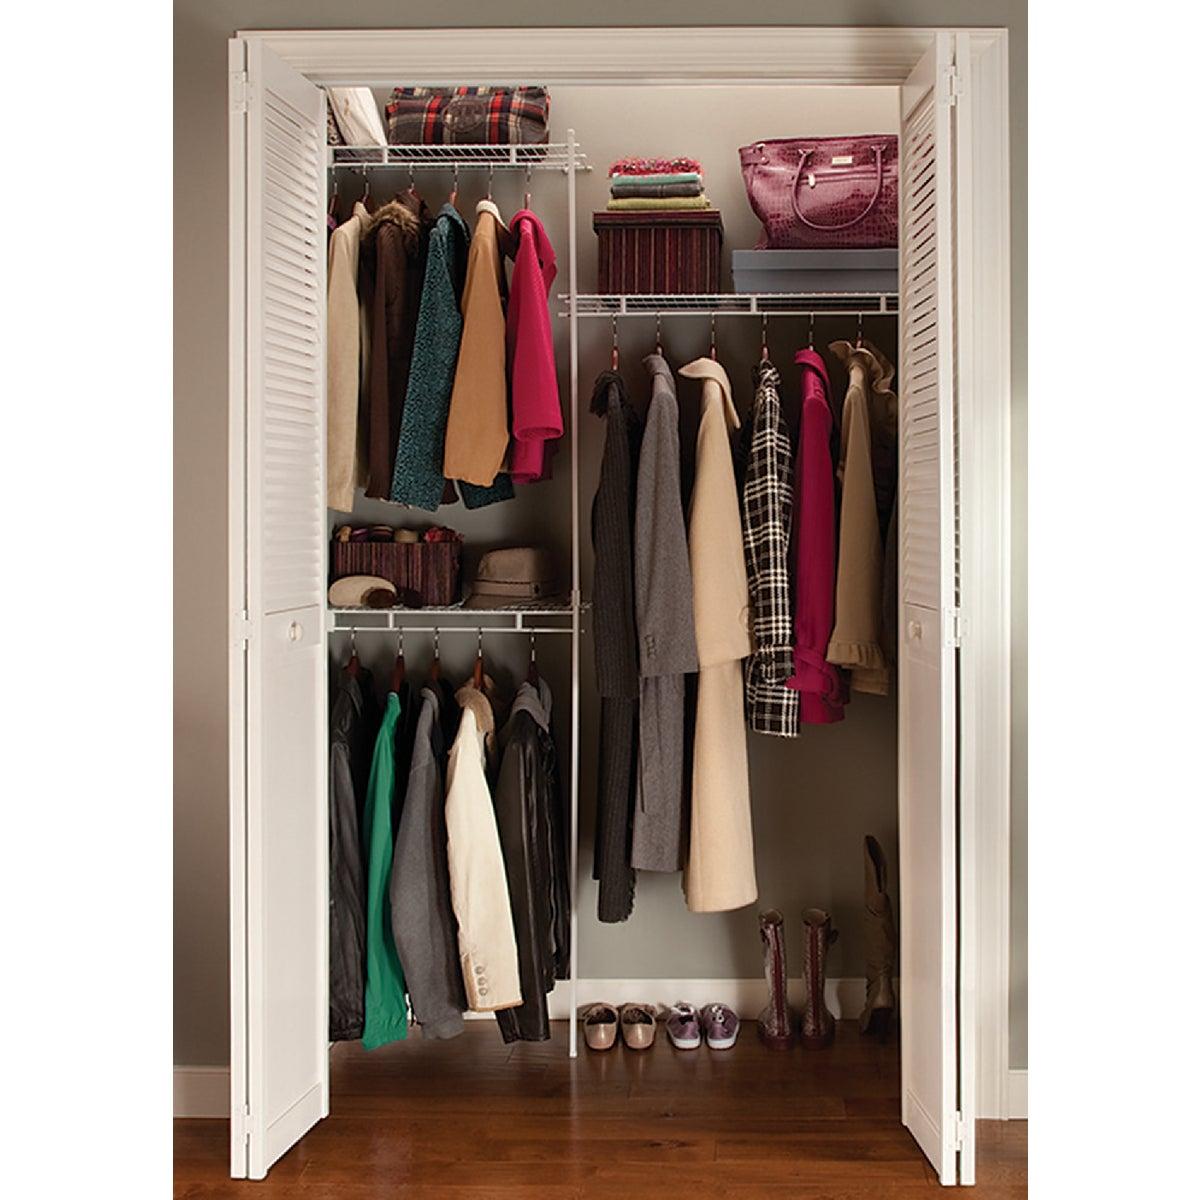 ClosetMaid 5' Shelf and Rod Closet System